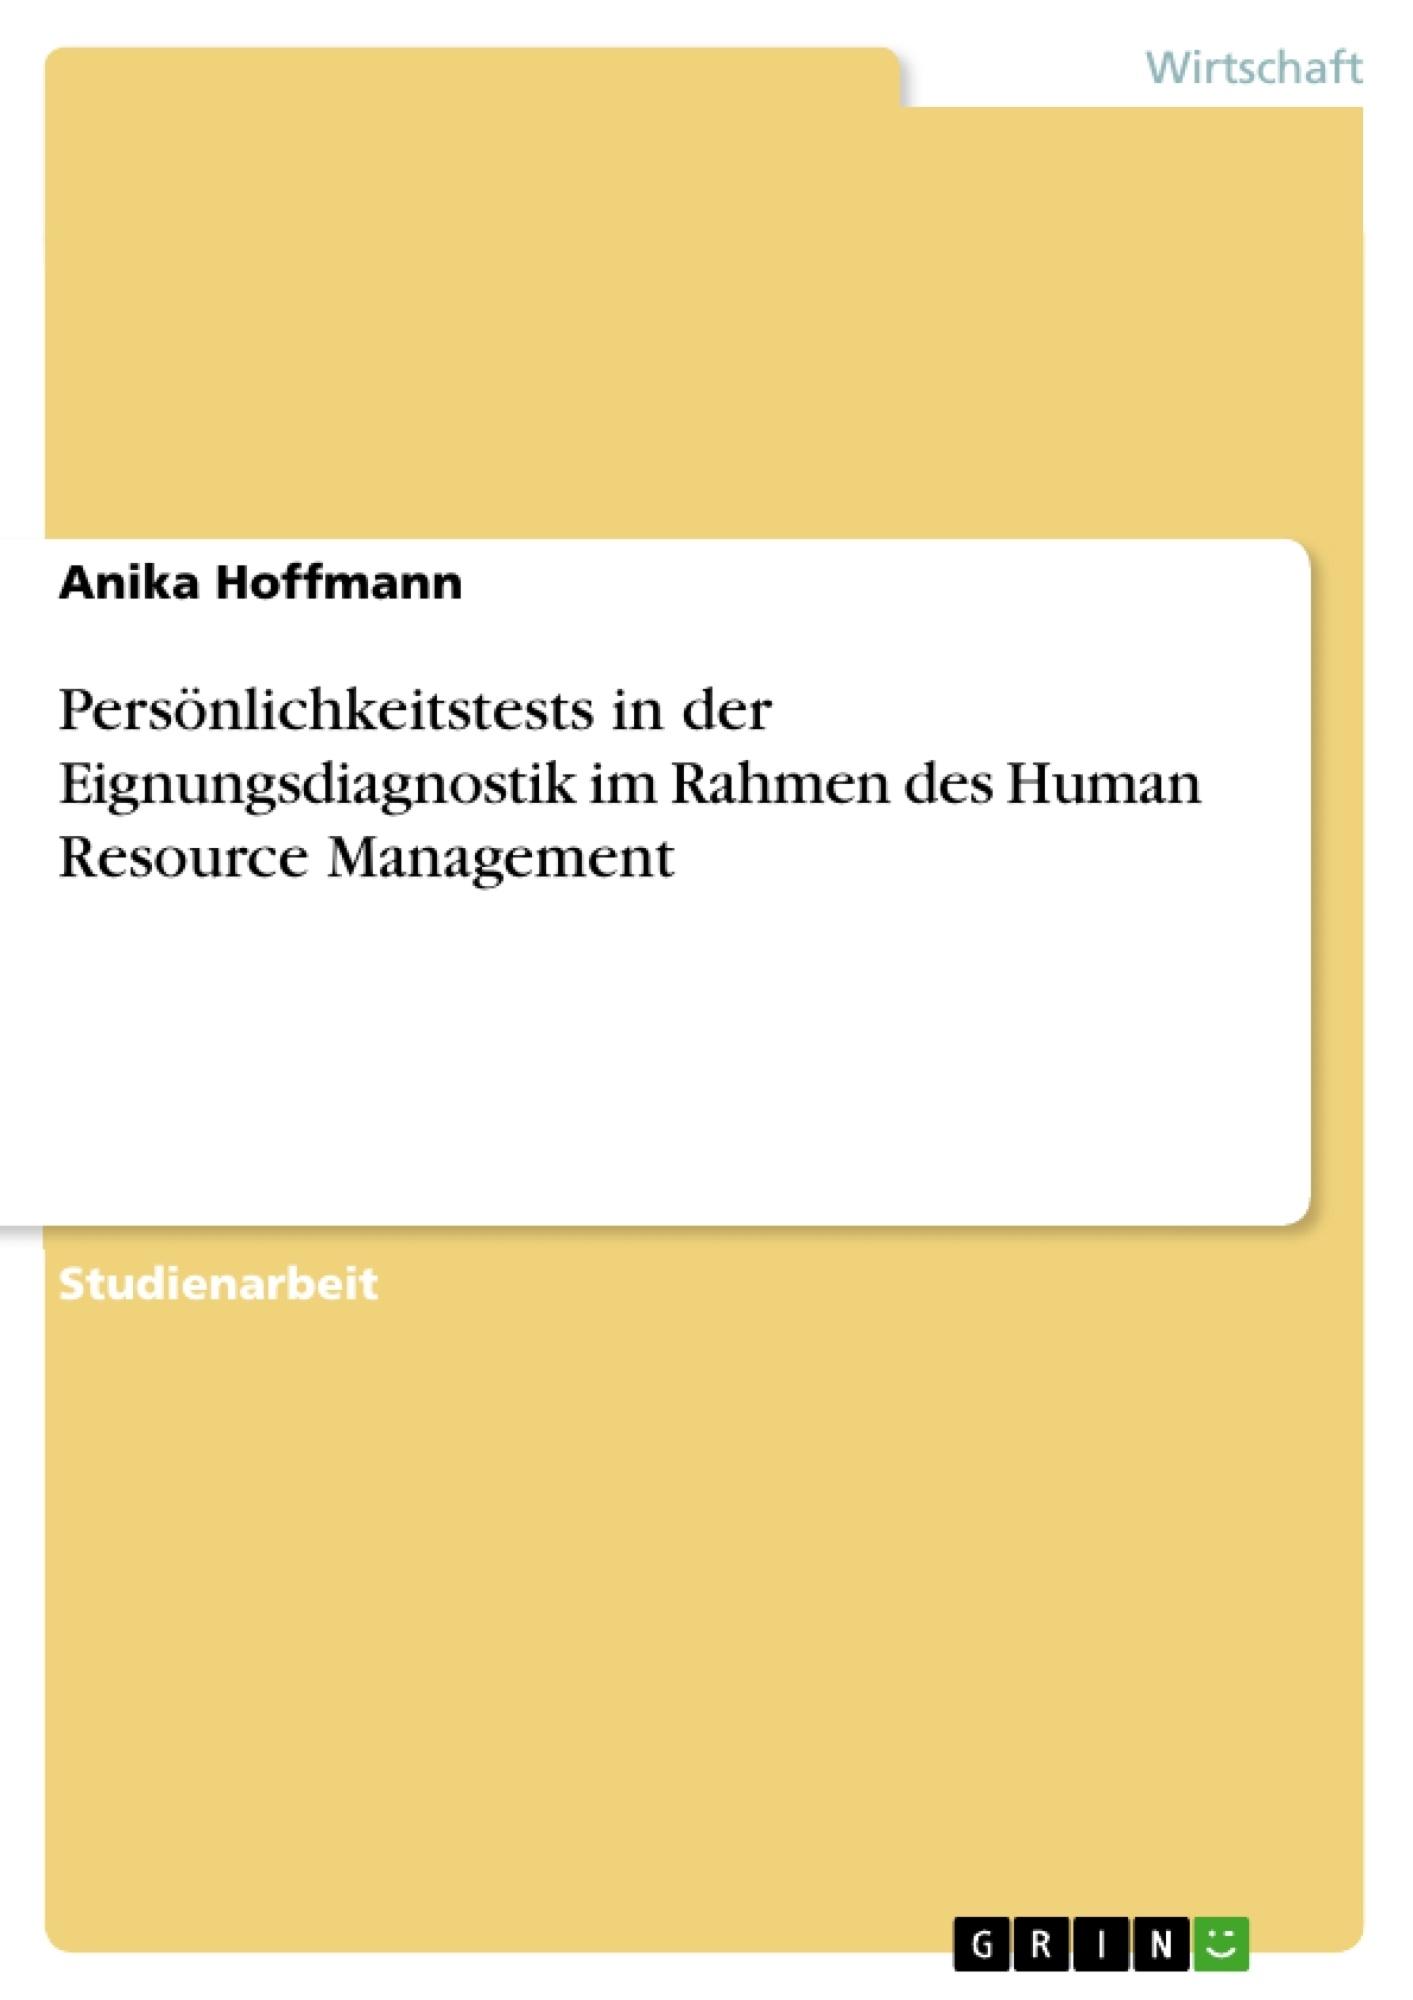 Titel: Persönlichkeitstests in der Eignungsdiagnostik im Rahmen des Human Resource Management